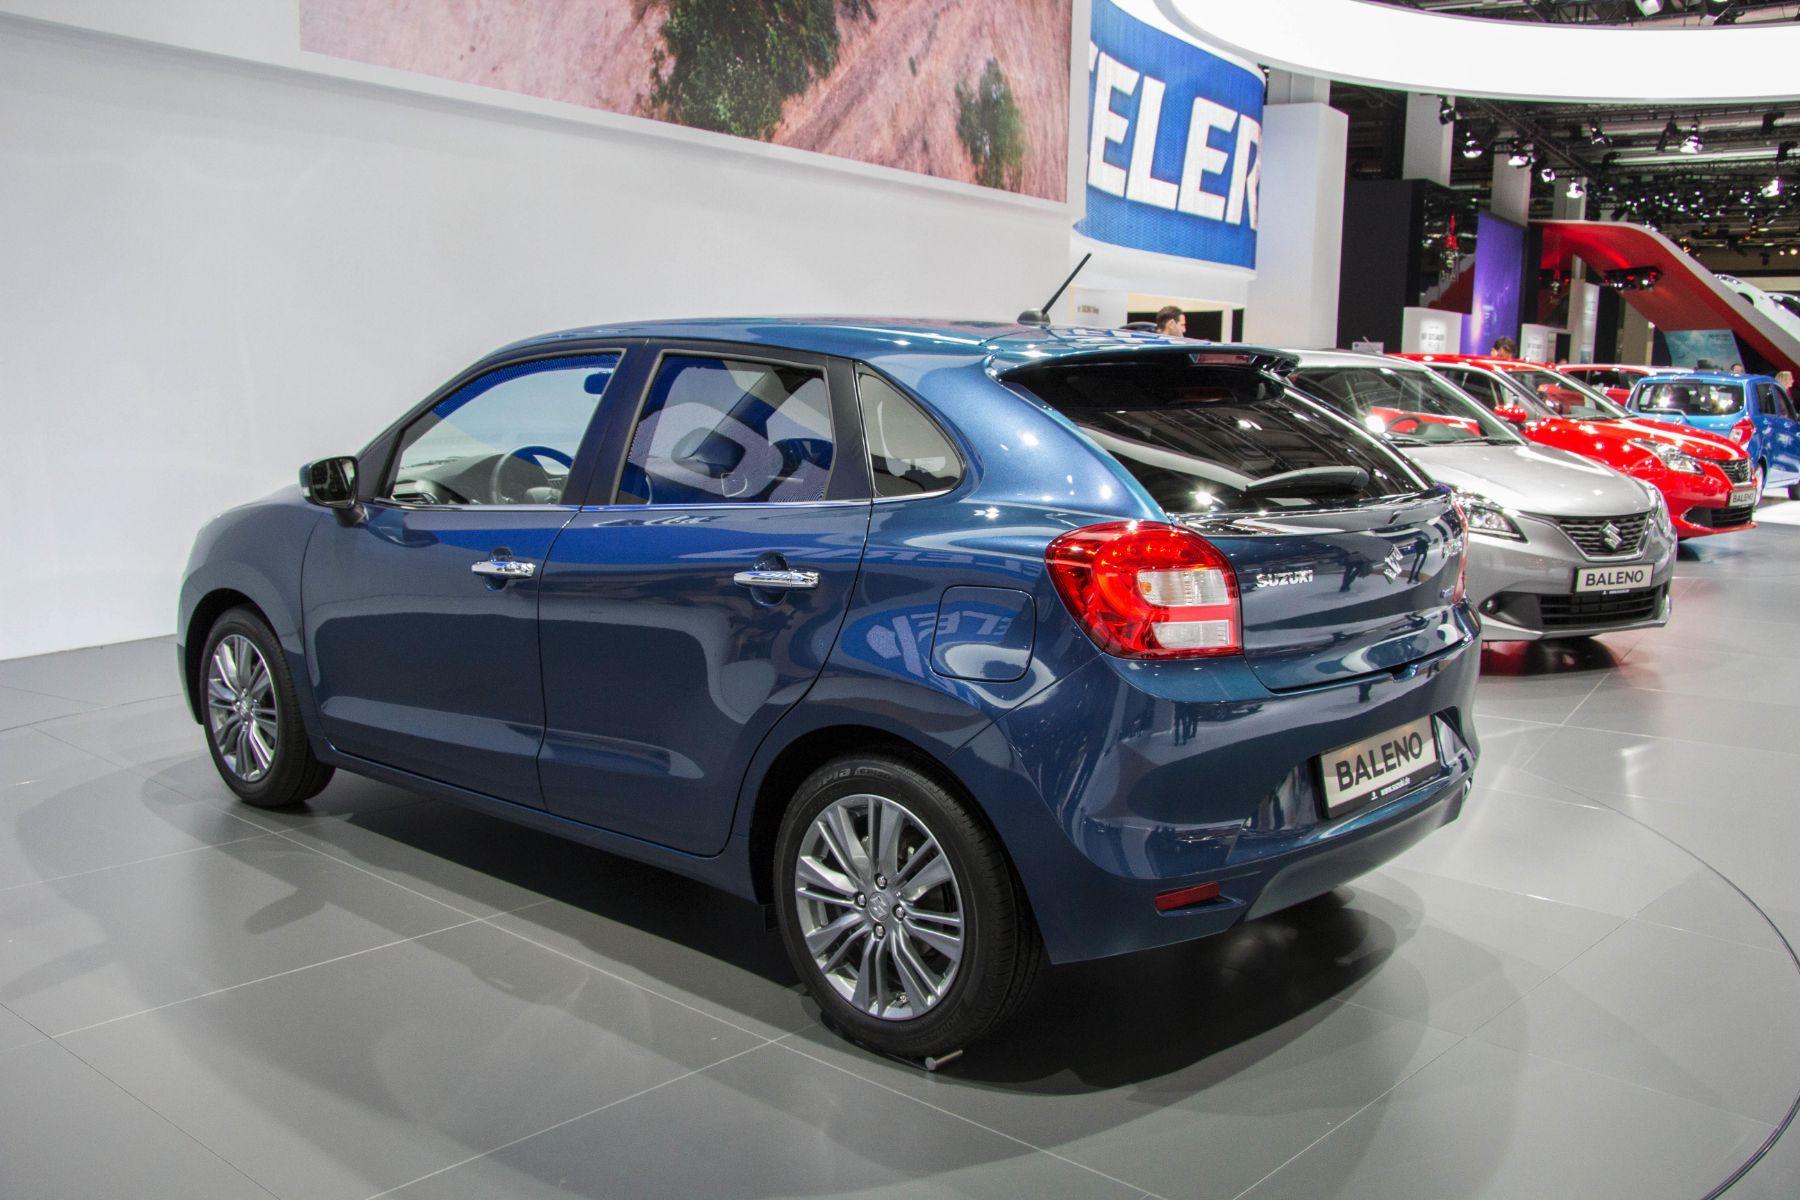 Suzuki Baleno 2015 Schragheck